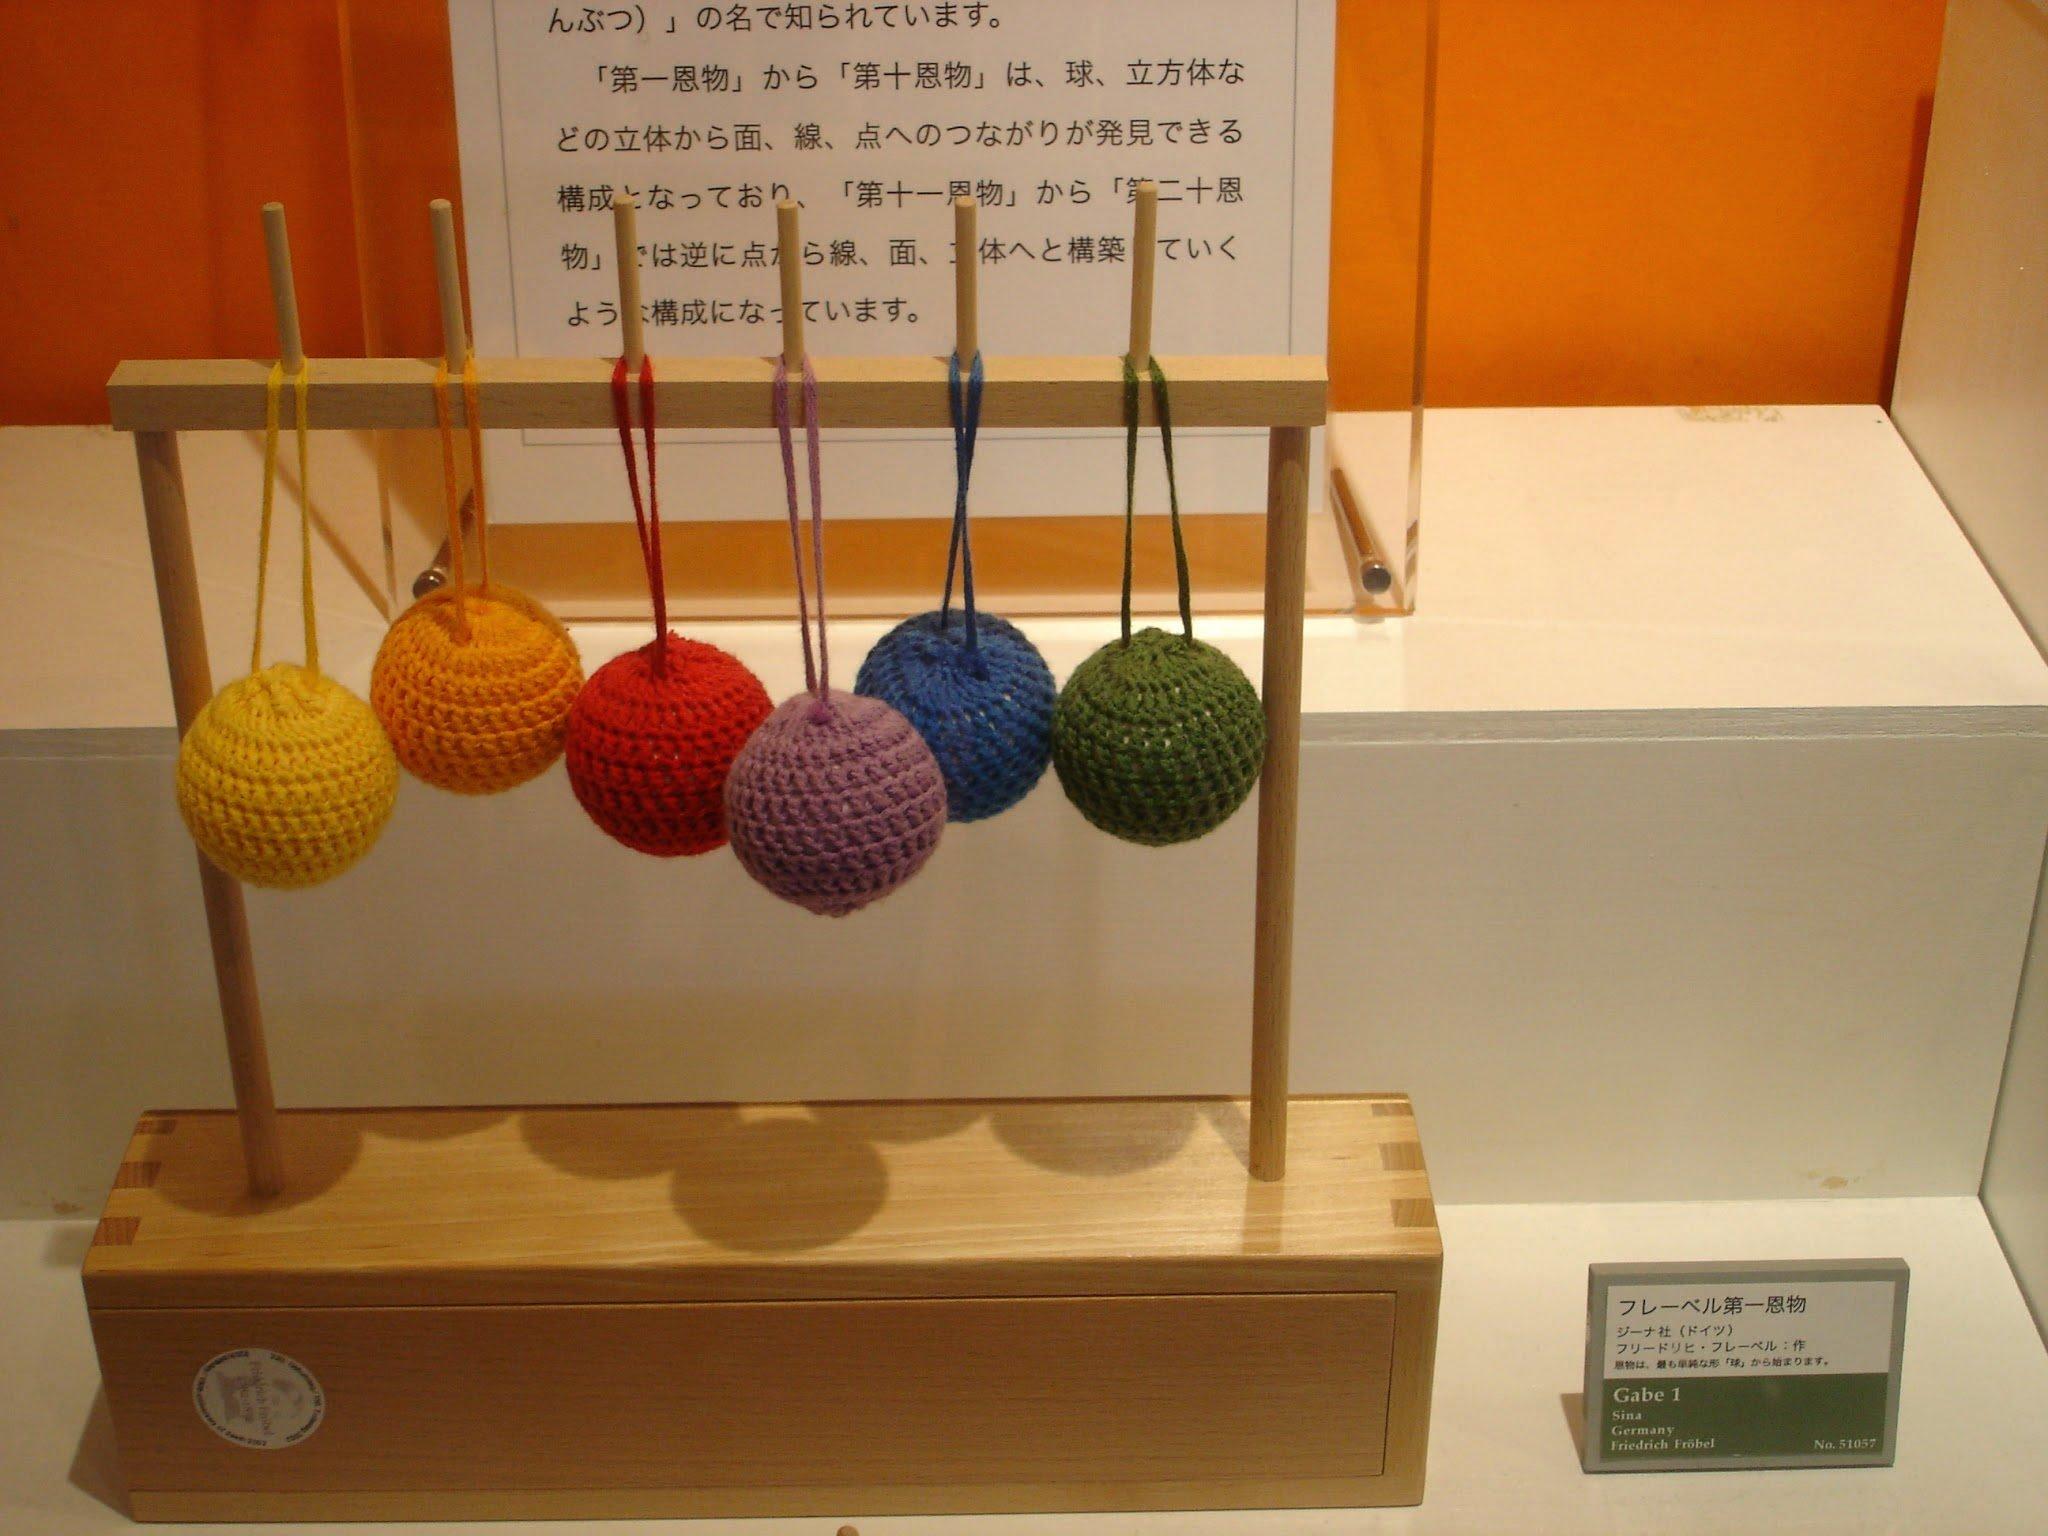 [神戶] 有馬玩具博物館:尋回單純的童玩樂趣